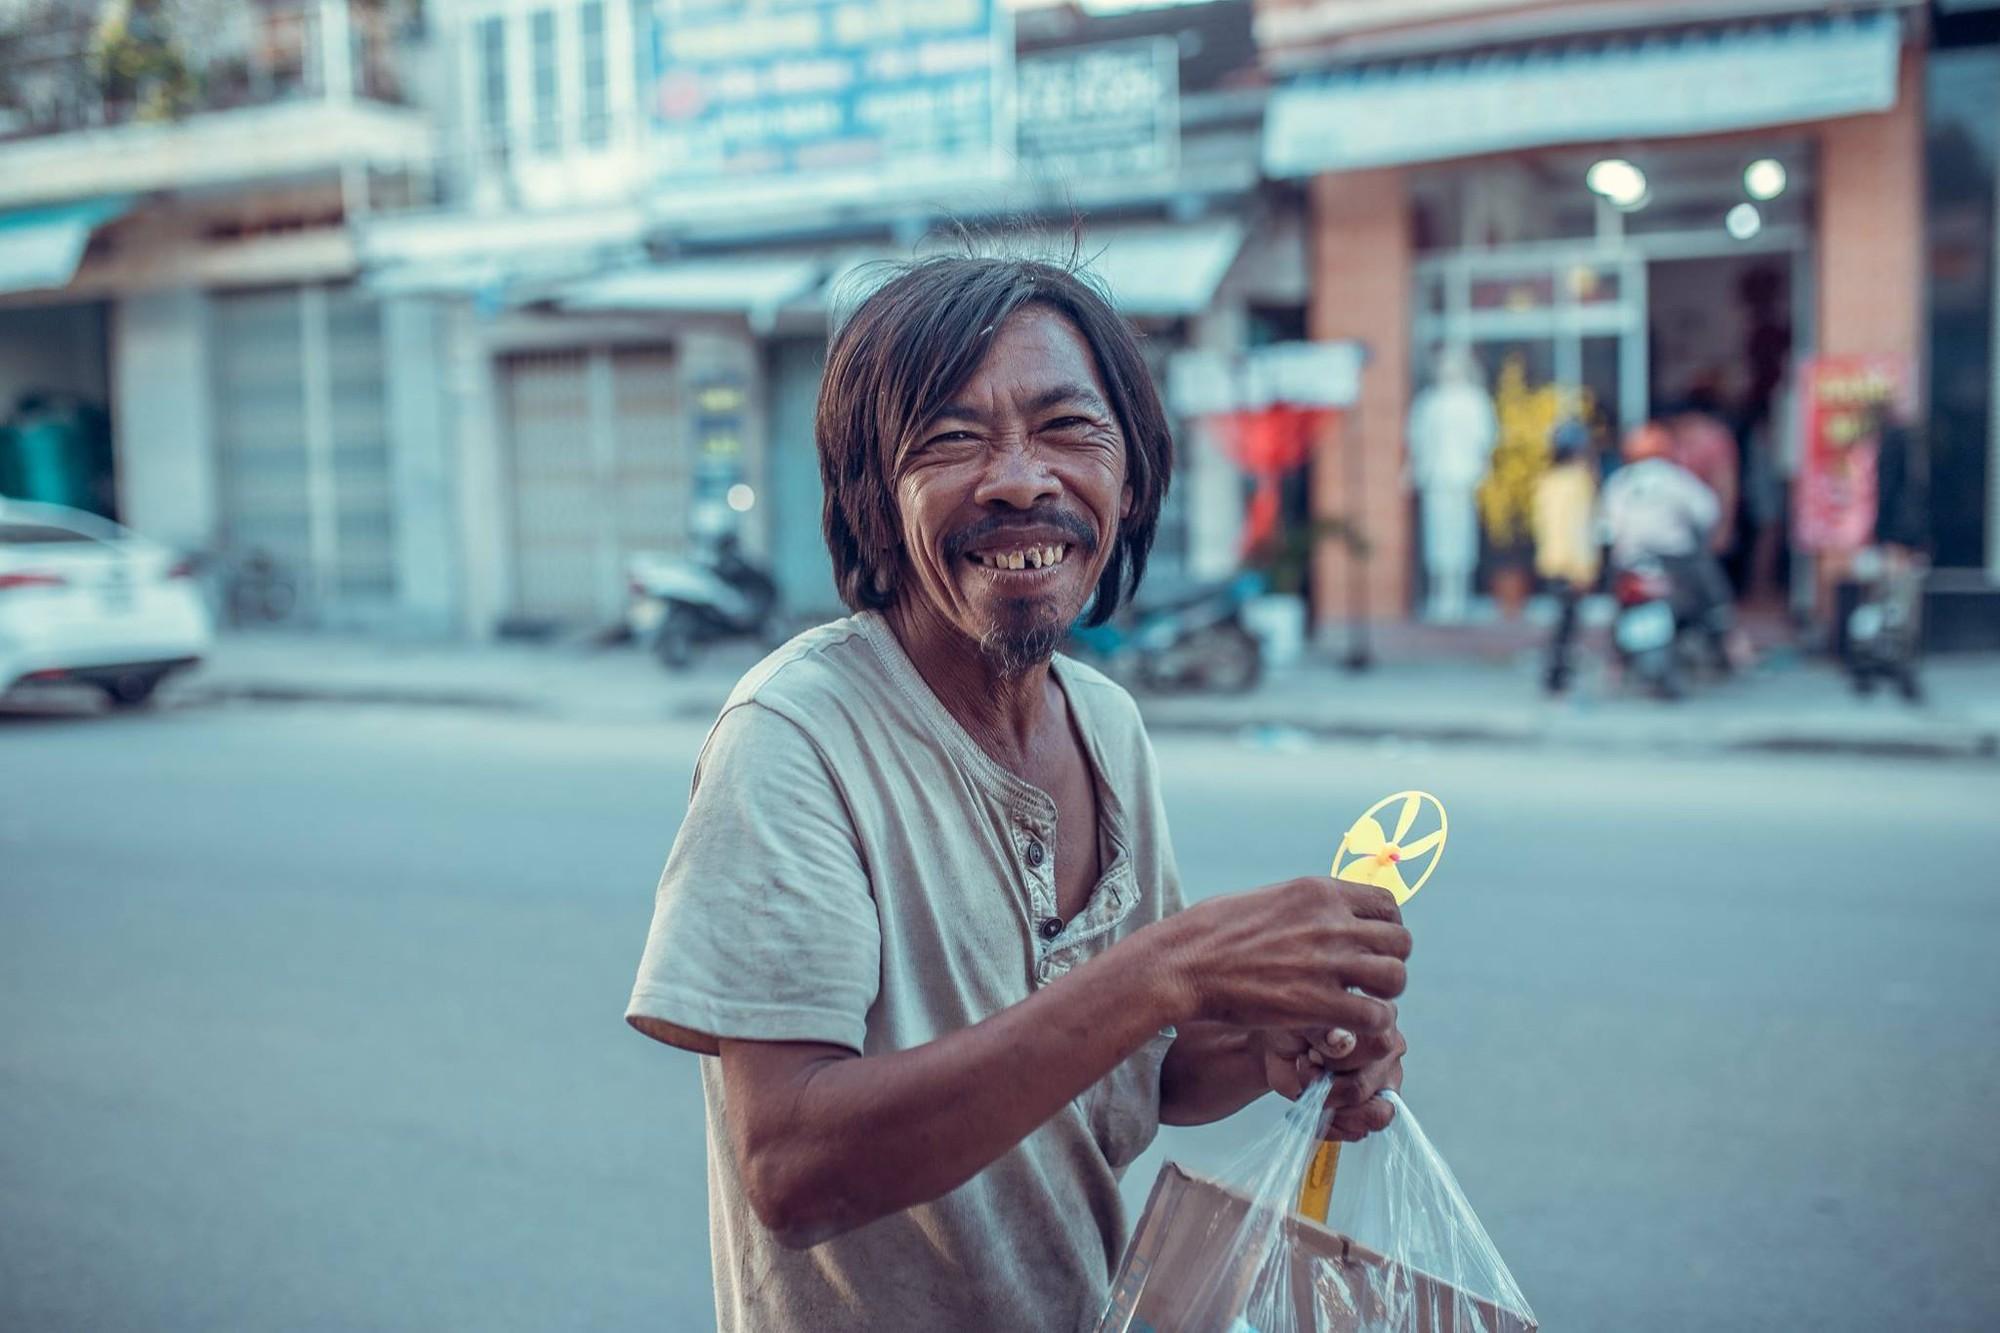 Hình ảnh người đàn ông vô tư với đời khiến nhiều người suy ngẫm: Trên đời đừng có những toan tính sẽ hạnh phúc biết bao!